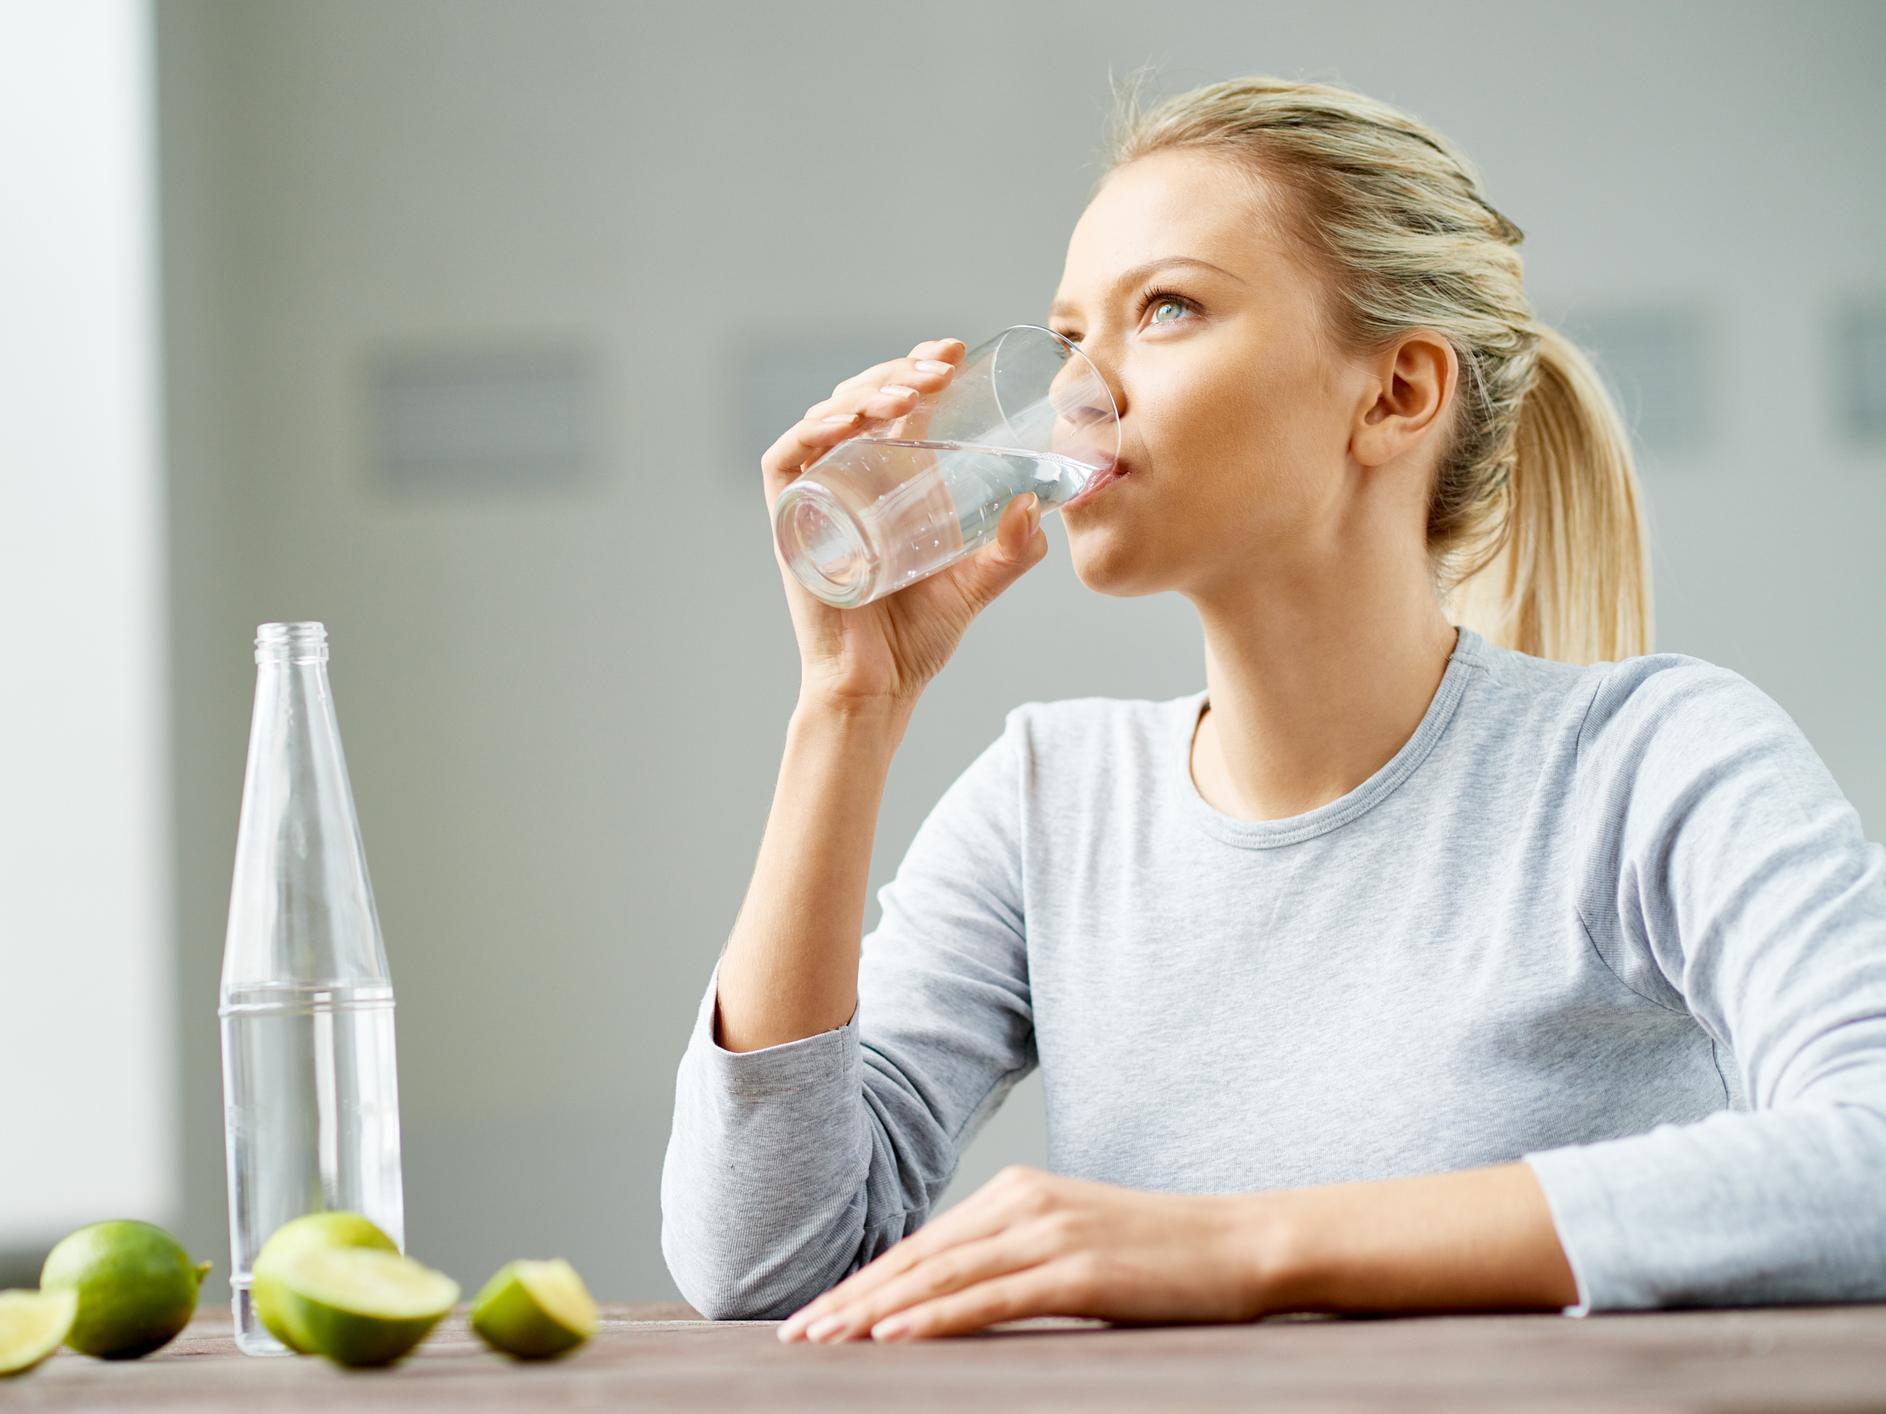 Uống nước trước khi đi ngủ có tốt cho sức khỏe? | Karofi.com